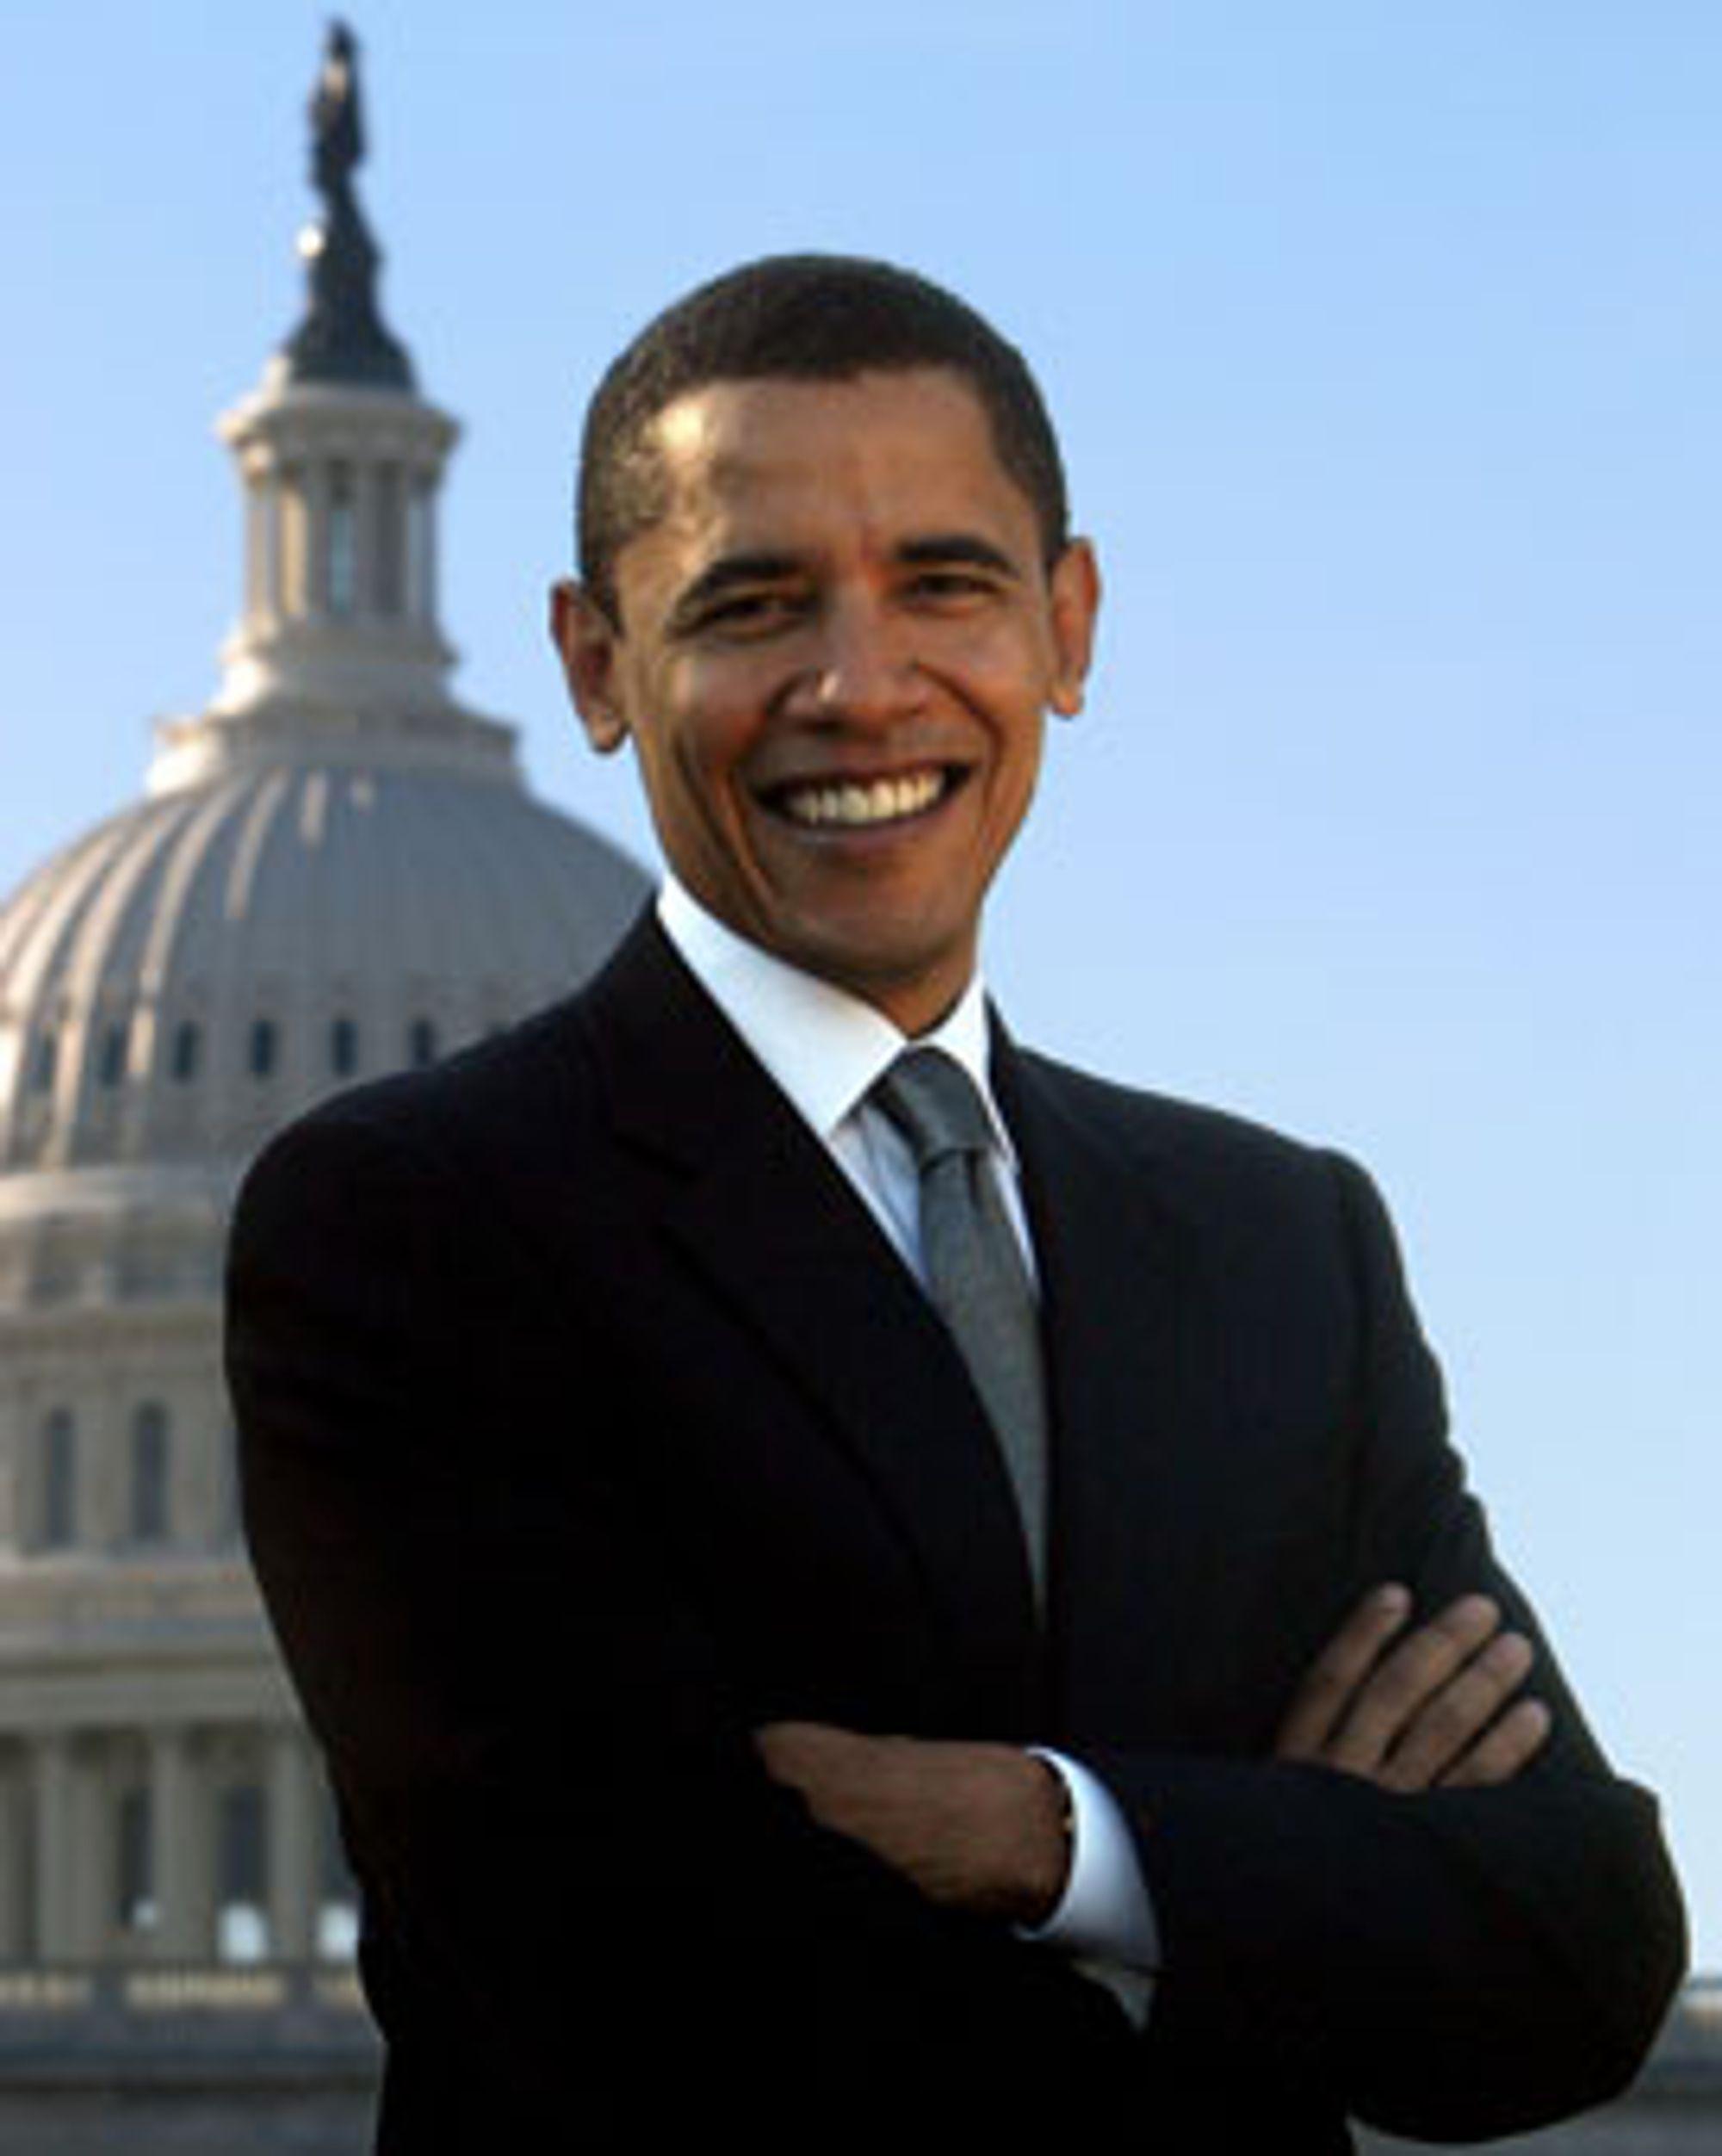 Obama kan smile bredt nå, takk internett!